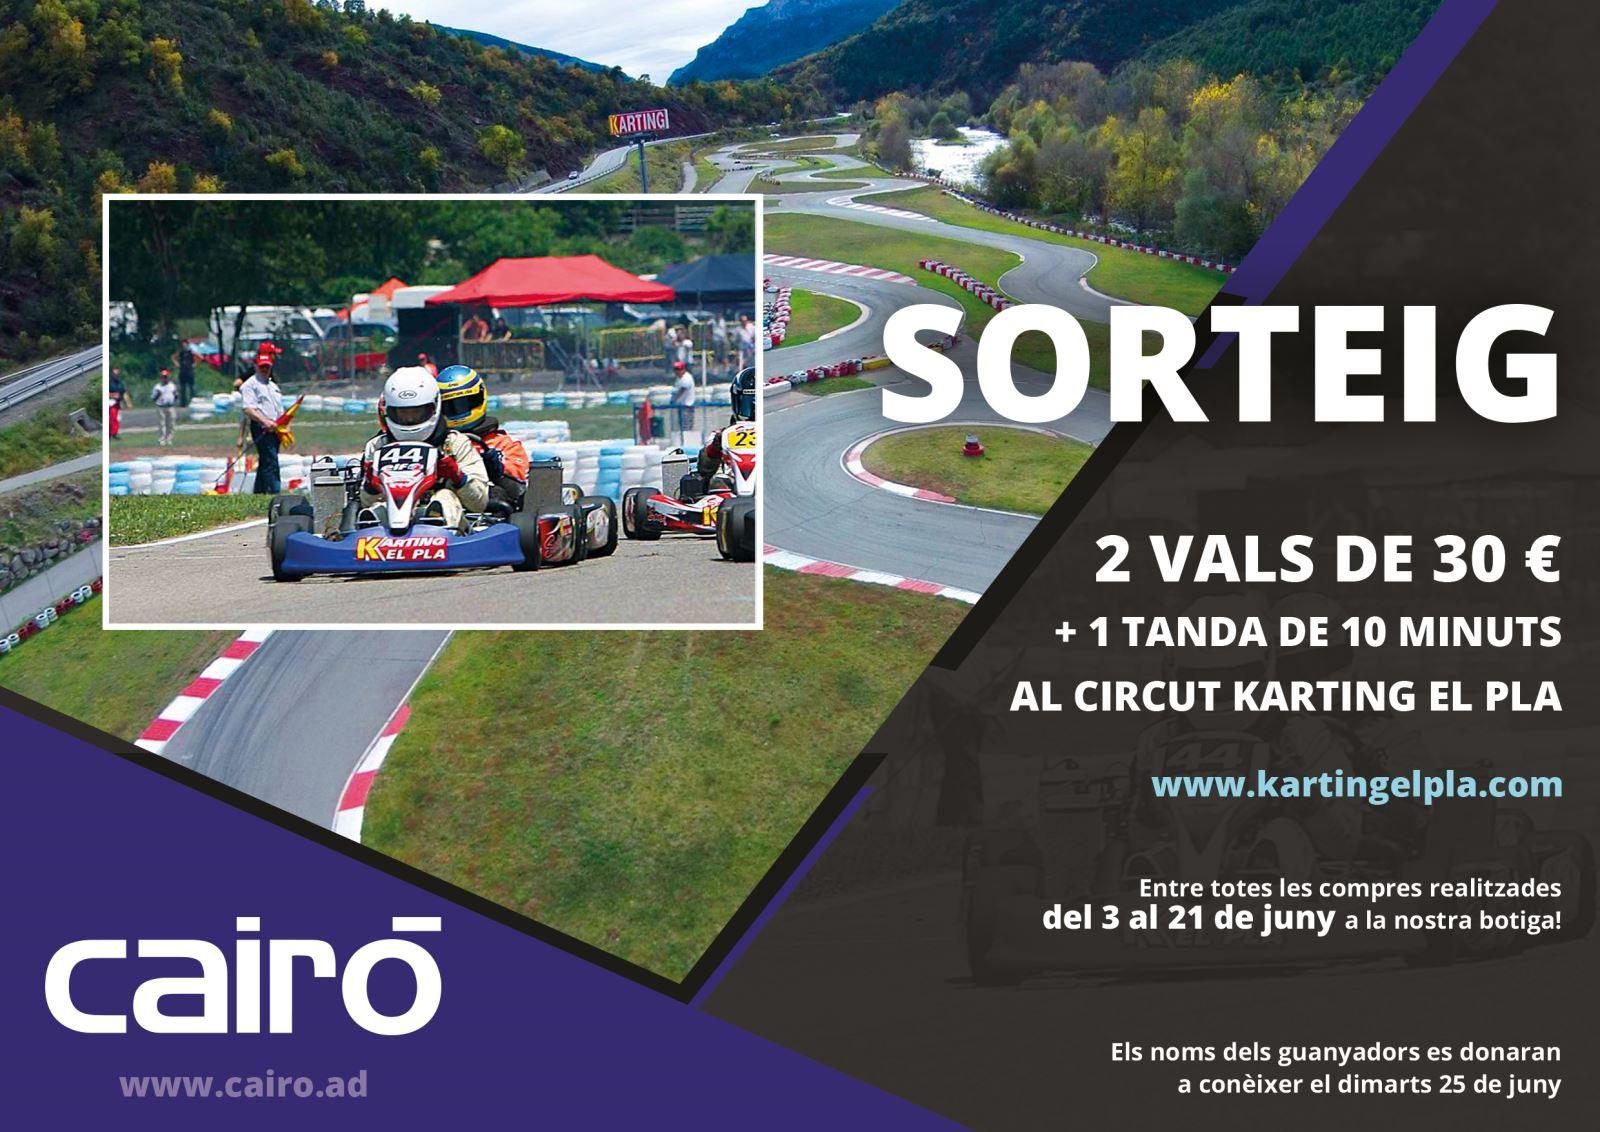 Sorteig Karting El Pla